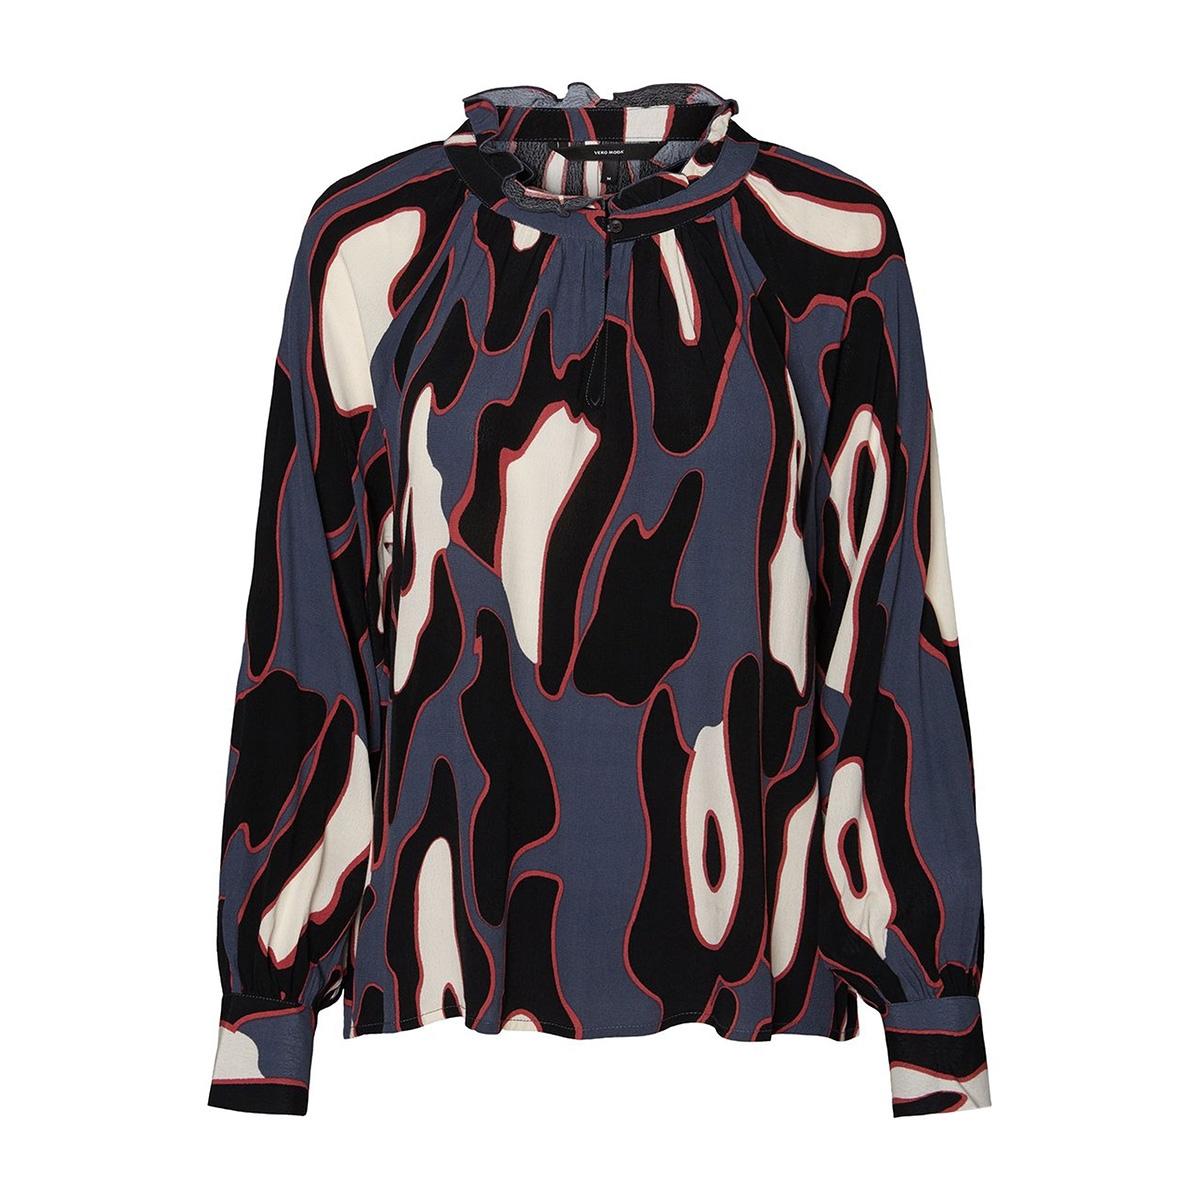 vmisla l/s top fd18 10214917 vero moda blouse ombre blue/leonora